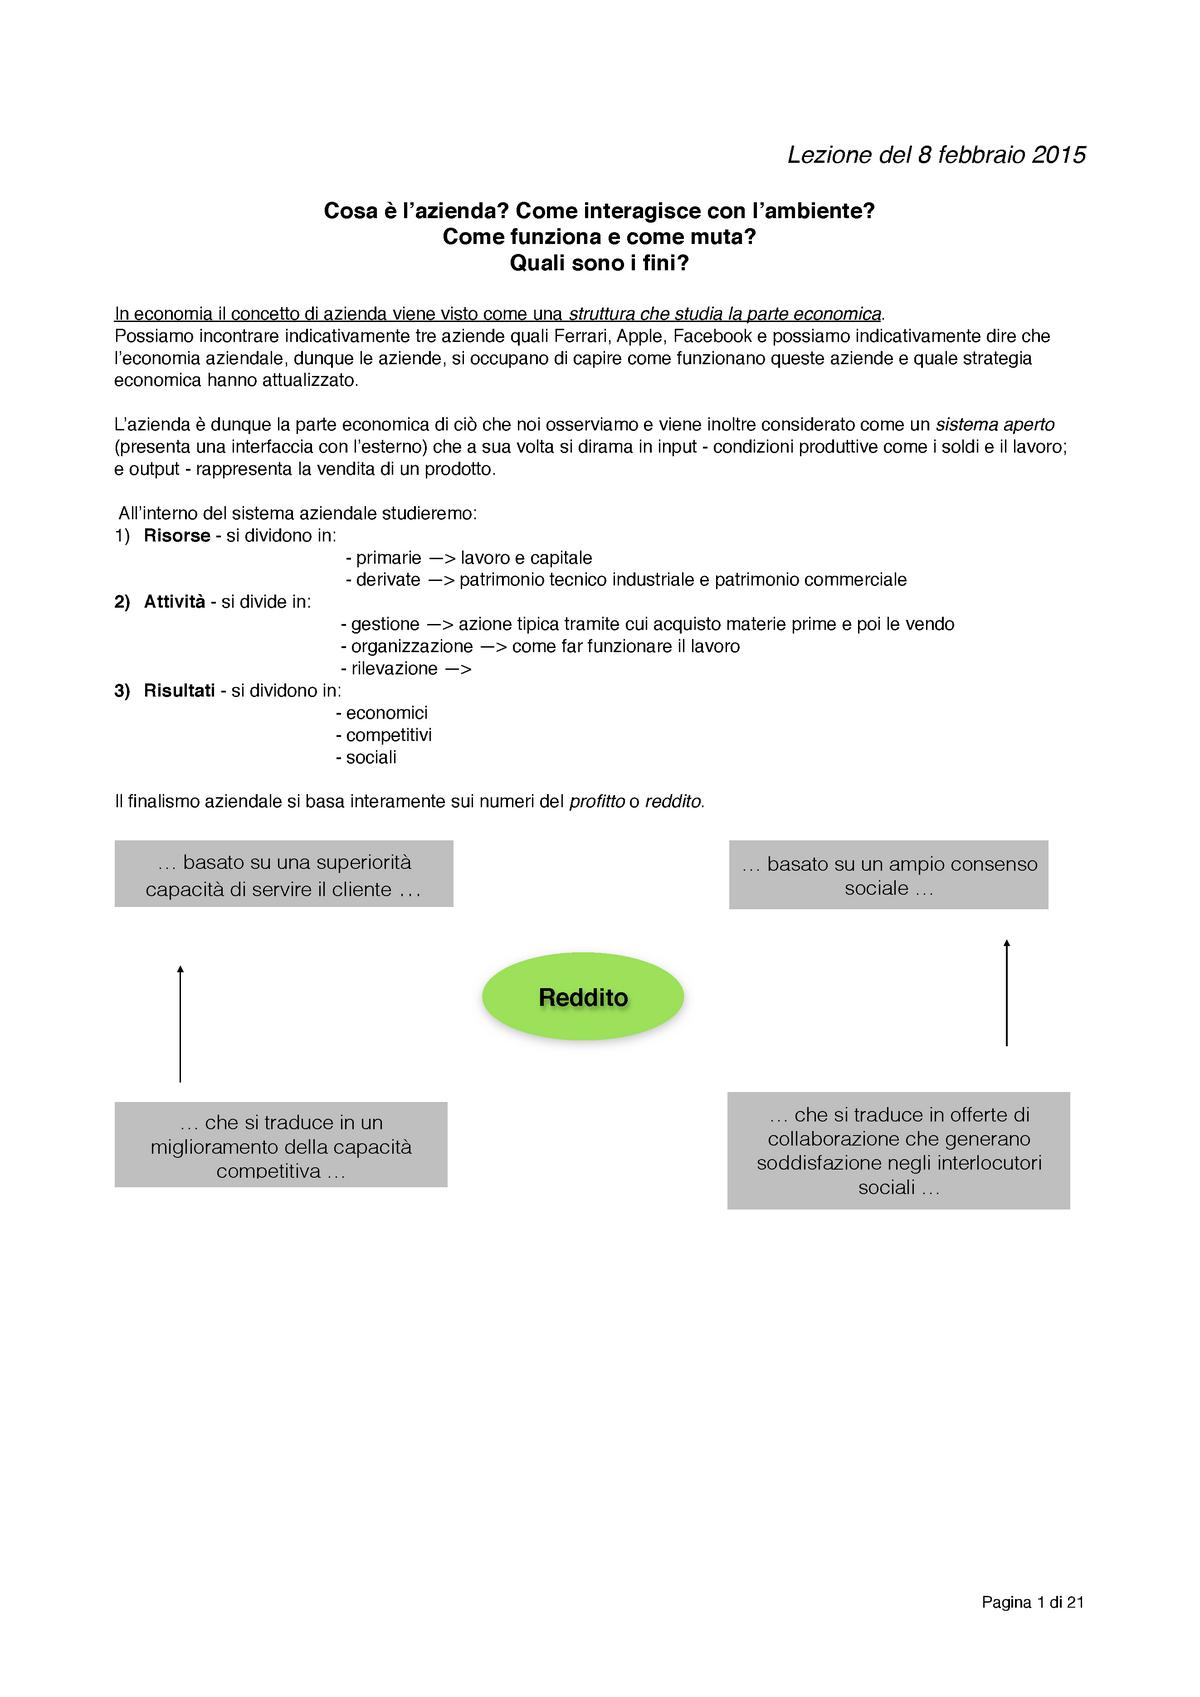 Economia aziendale IULM StuDocu